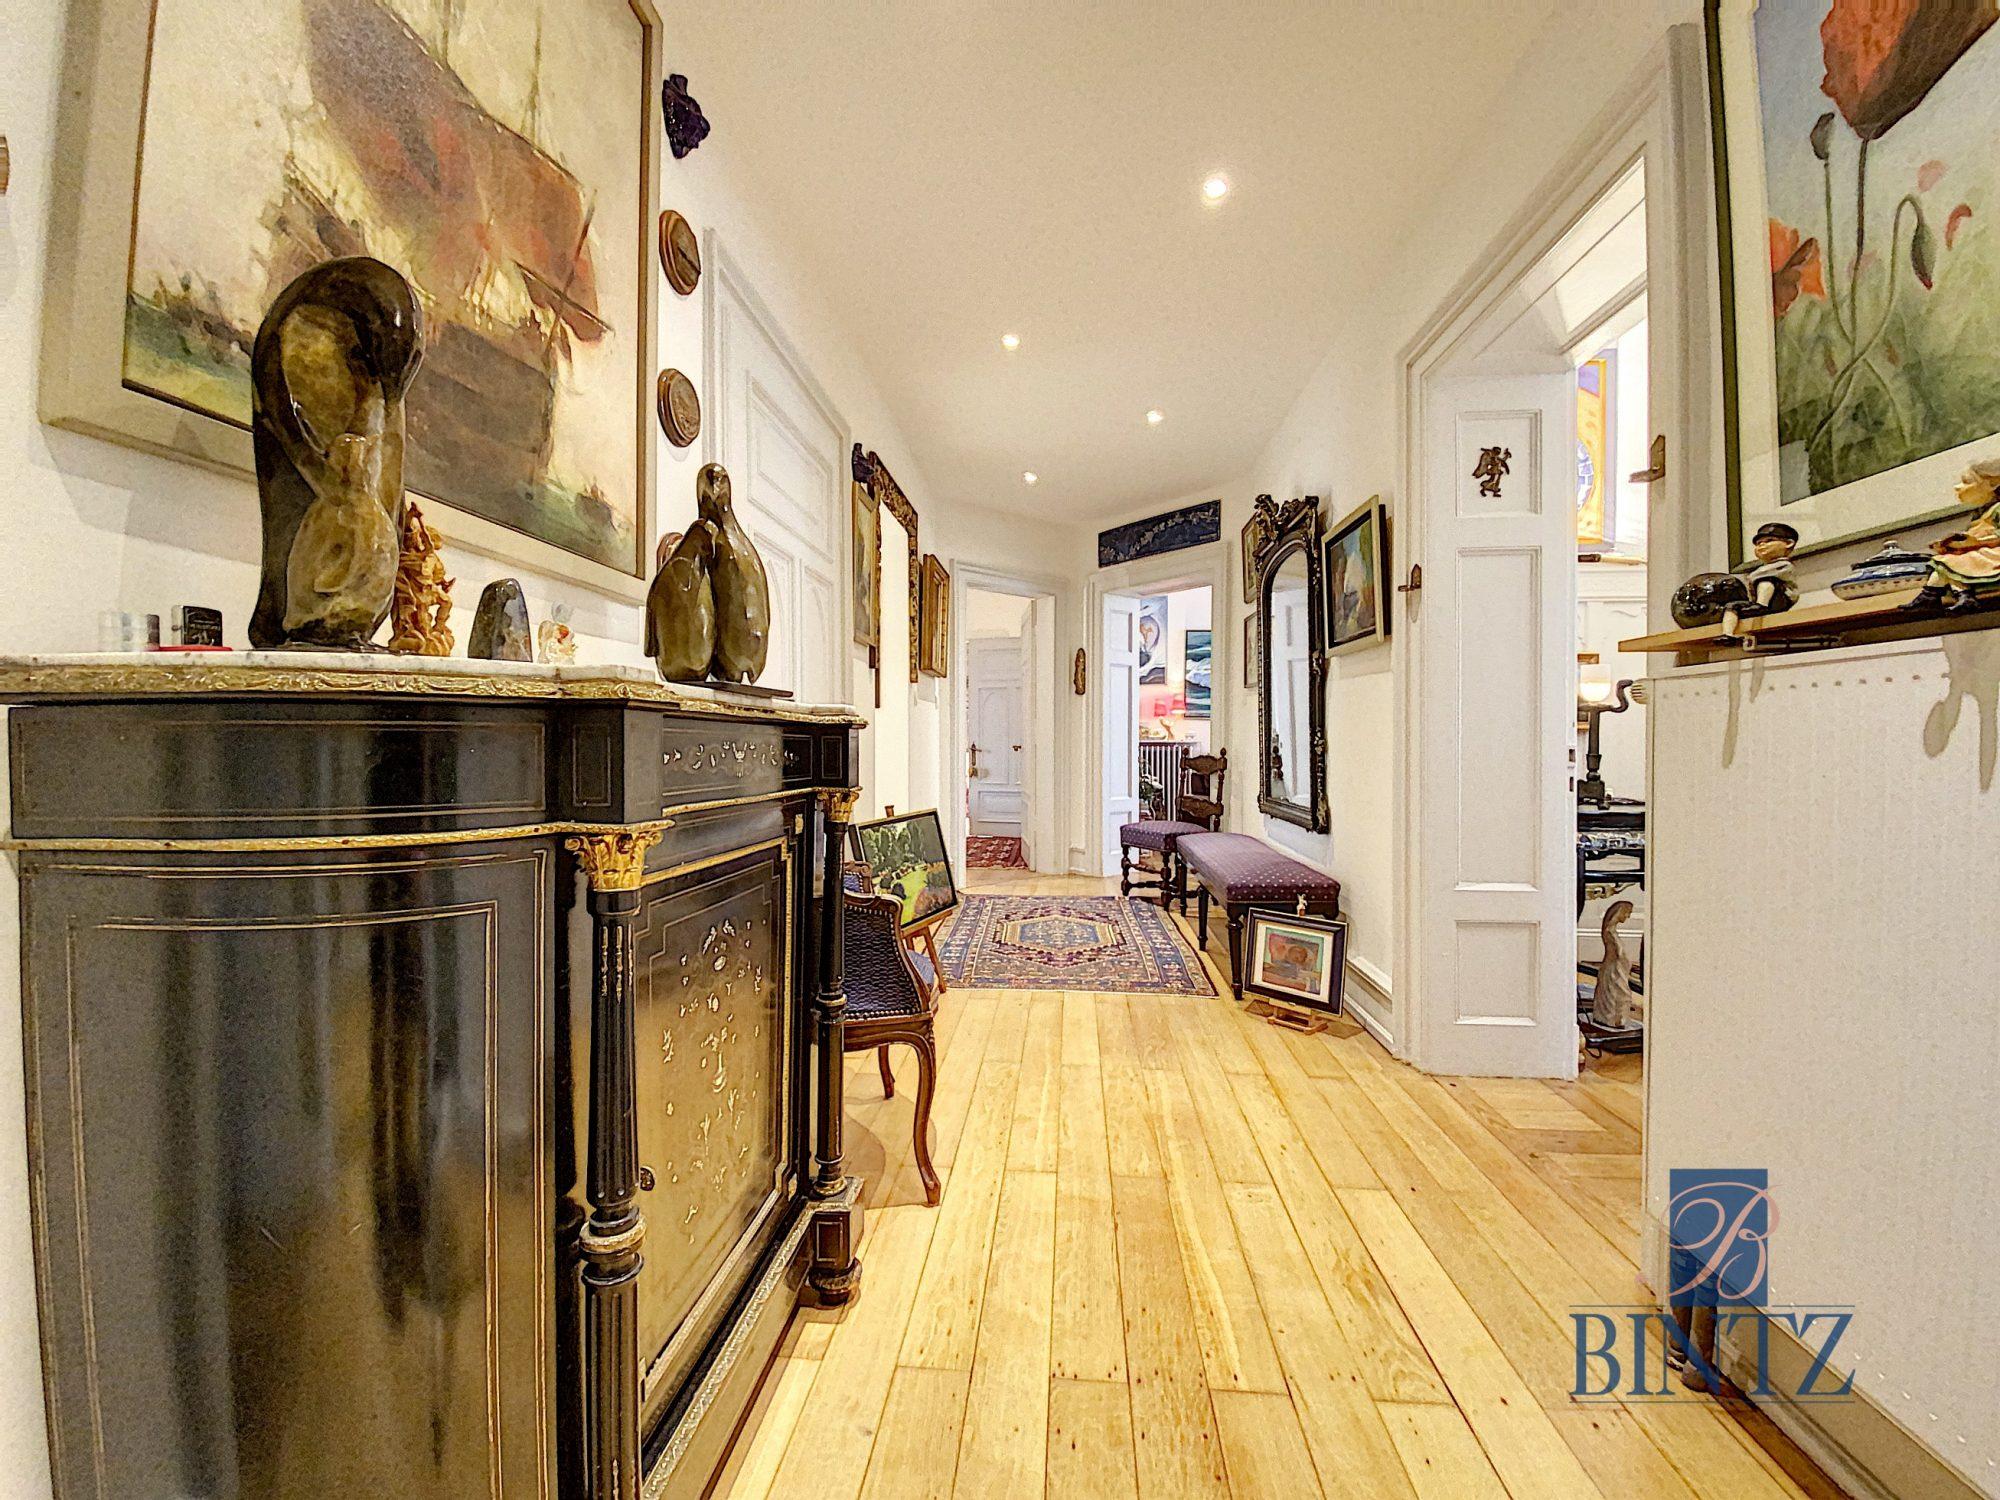 Magnifique 6 pièces de 164m2 à la Neustadt - Devenez propriétaire en toute confiance - Bintz Immobilier - 10